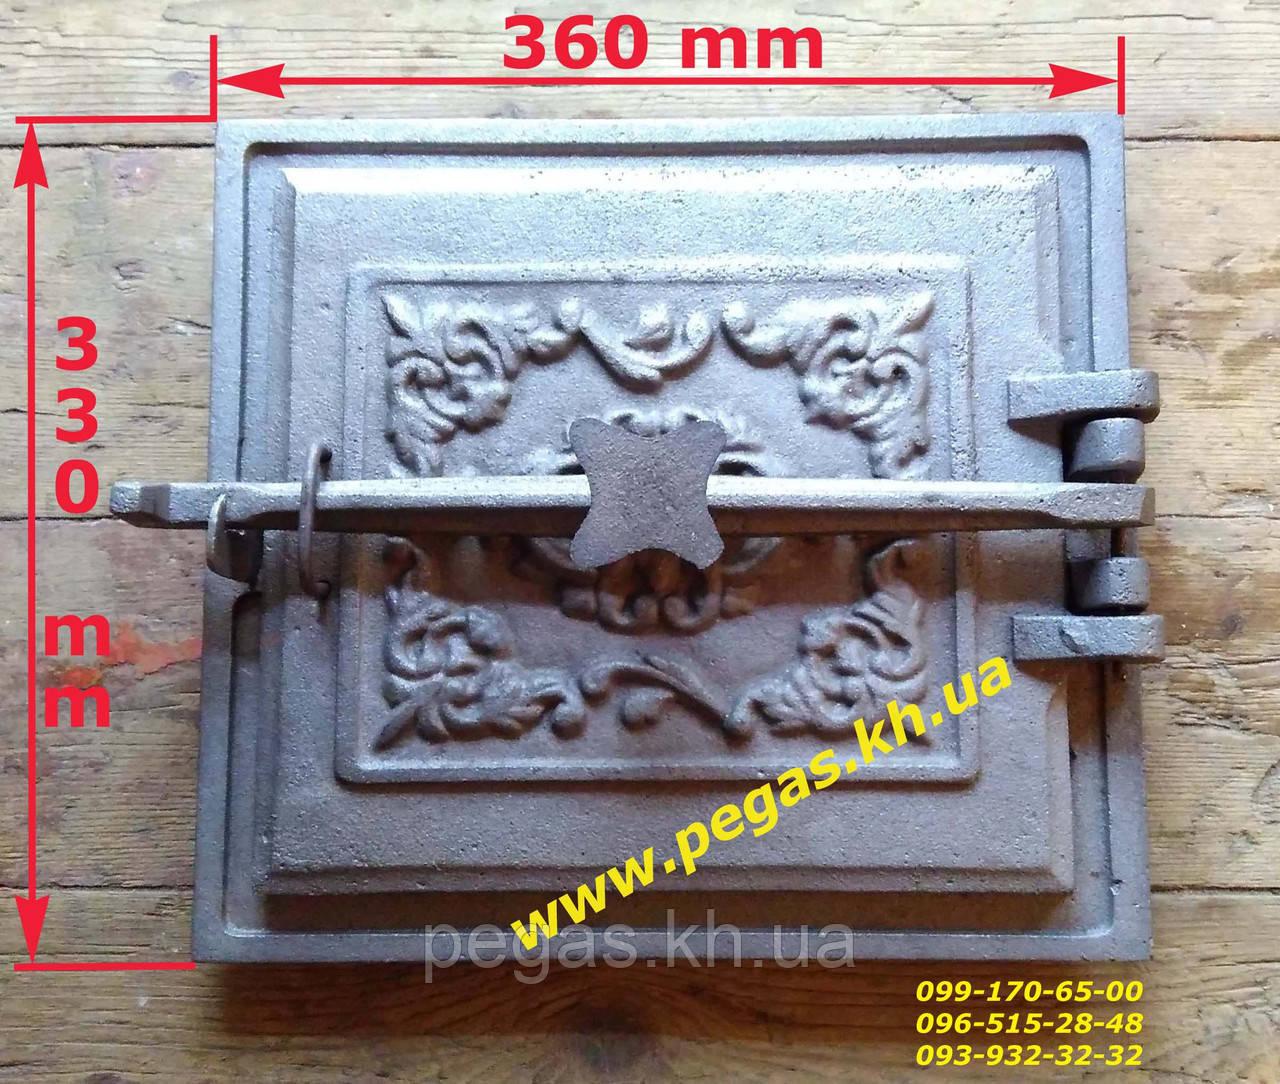 Дверцята чавунна барбекю, грубу, печі, мангал (330х360 мм)